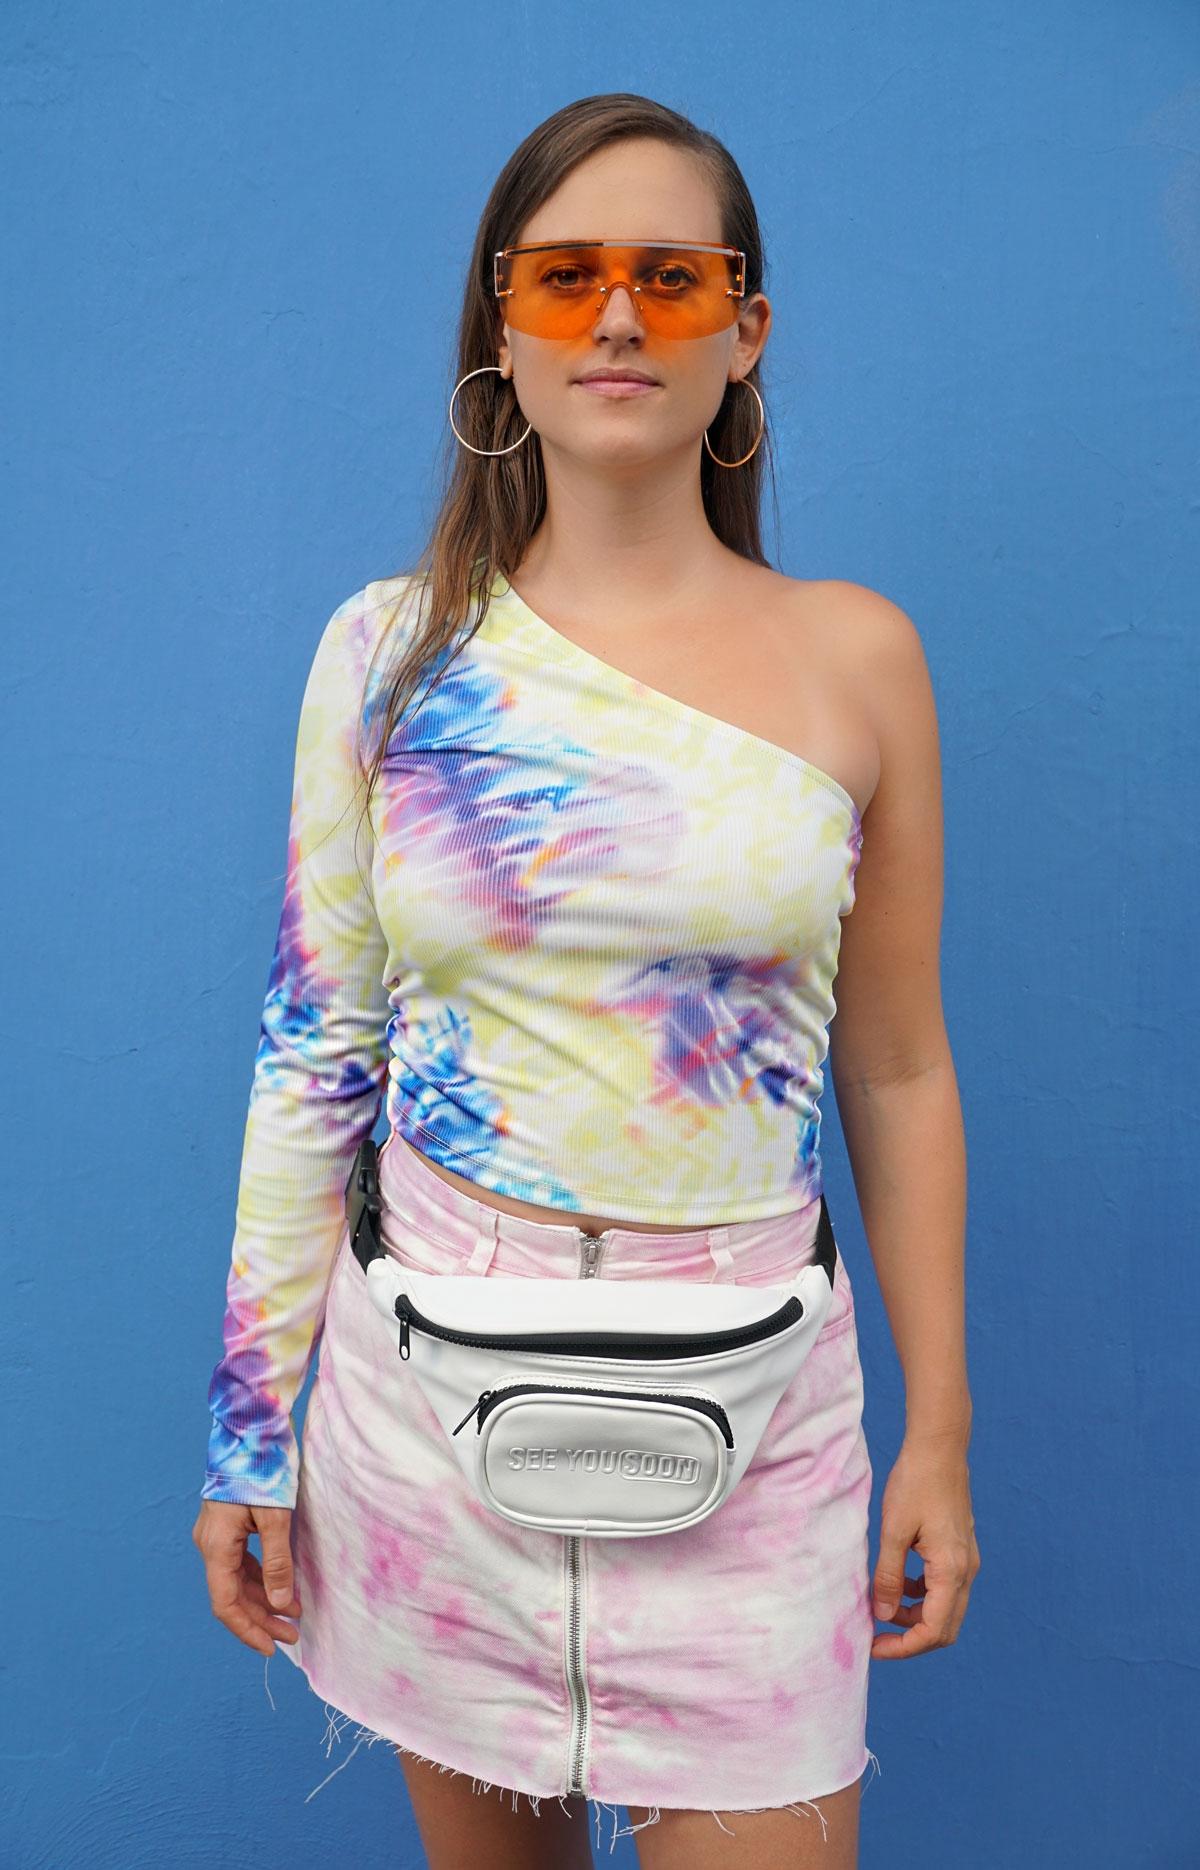 Andrea Steiner vom Mode Blog Strawberries 'n' Champagne trägt ein komplettes Outfit im Batik Muster, dazu eine Bauchtasche, eine orange Sonnenbrille und Sneakers.